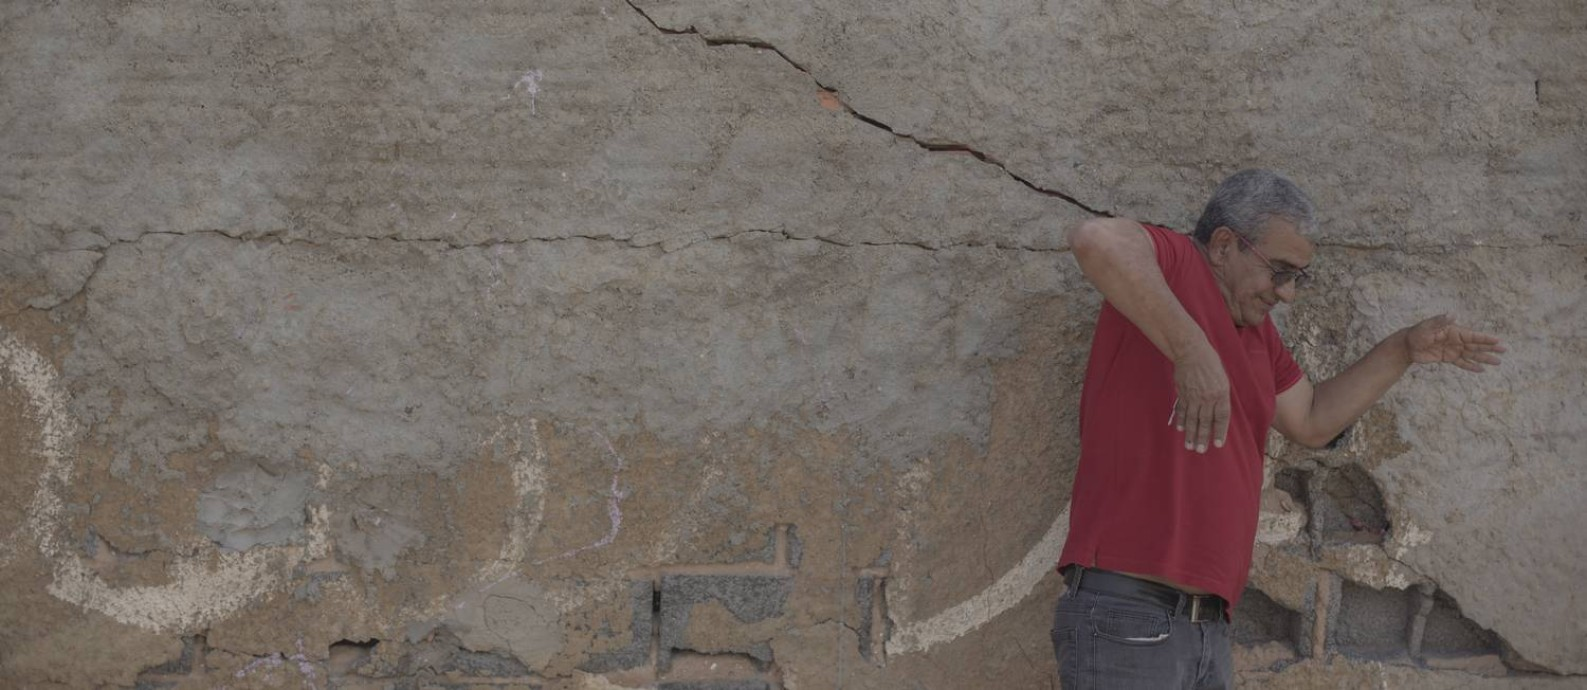 Ednaldo Campos, coordenador do Comitê dos Rios Verde e Jacaré, que pertence à Bacia do São Francisco, mostra as rachaduras em muros e residências da cidade de Lapão, na Bahia Foto: Daniel Marenco / Agência O Globo